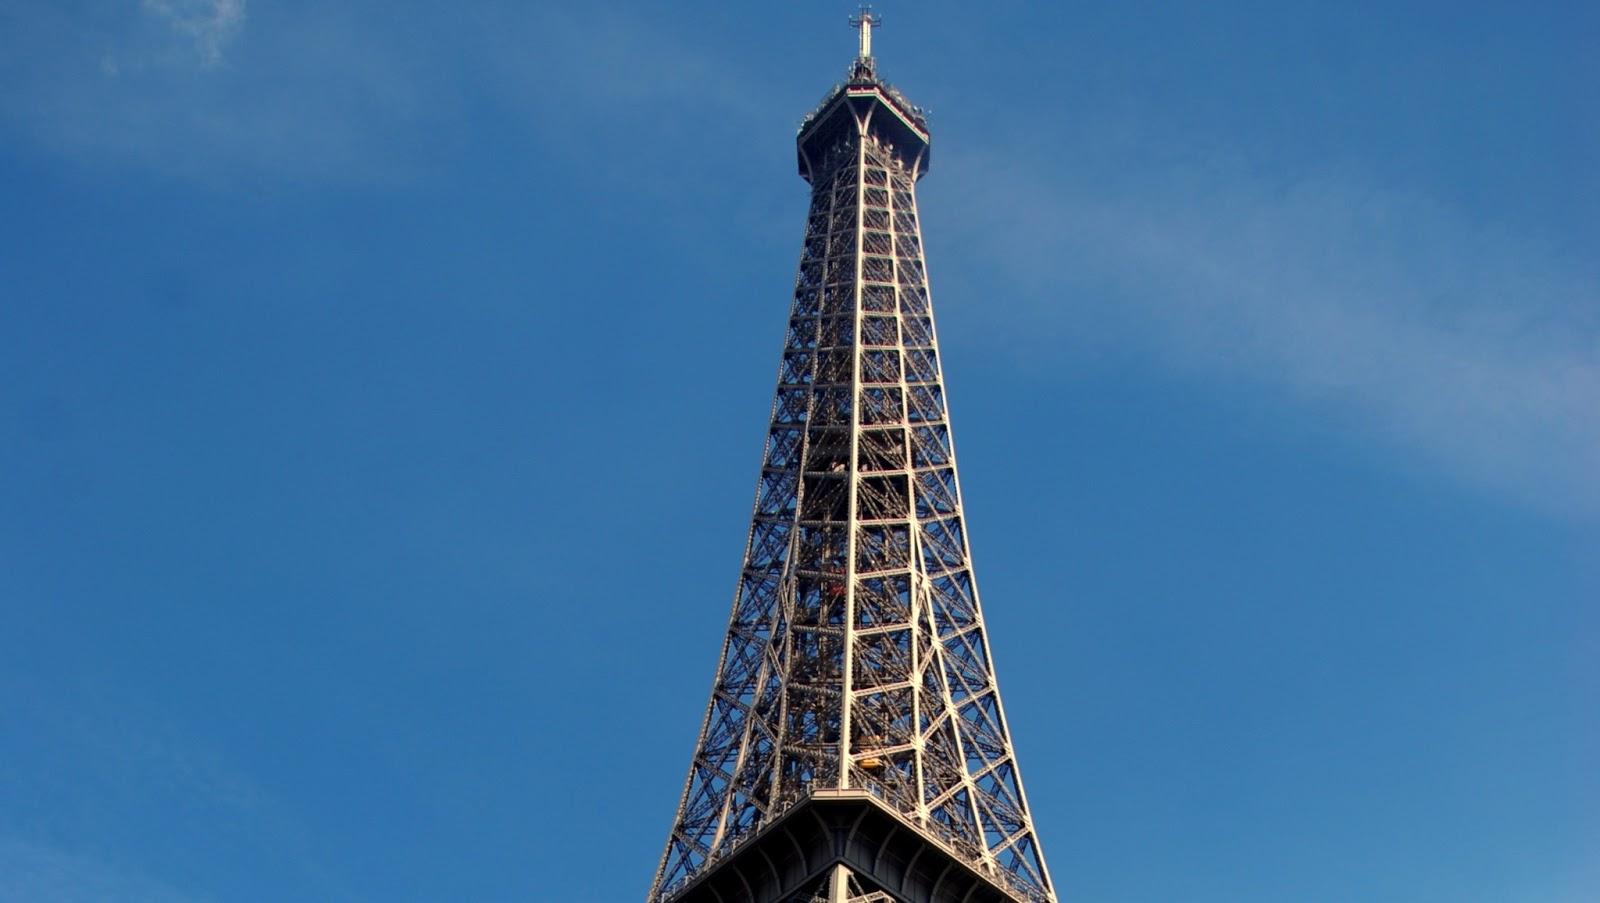 Torre eiffel estructura historia y datos t cnicos for Creador de la torre eiffel